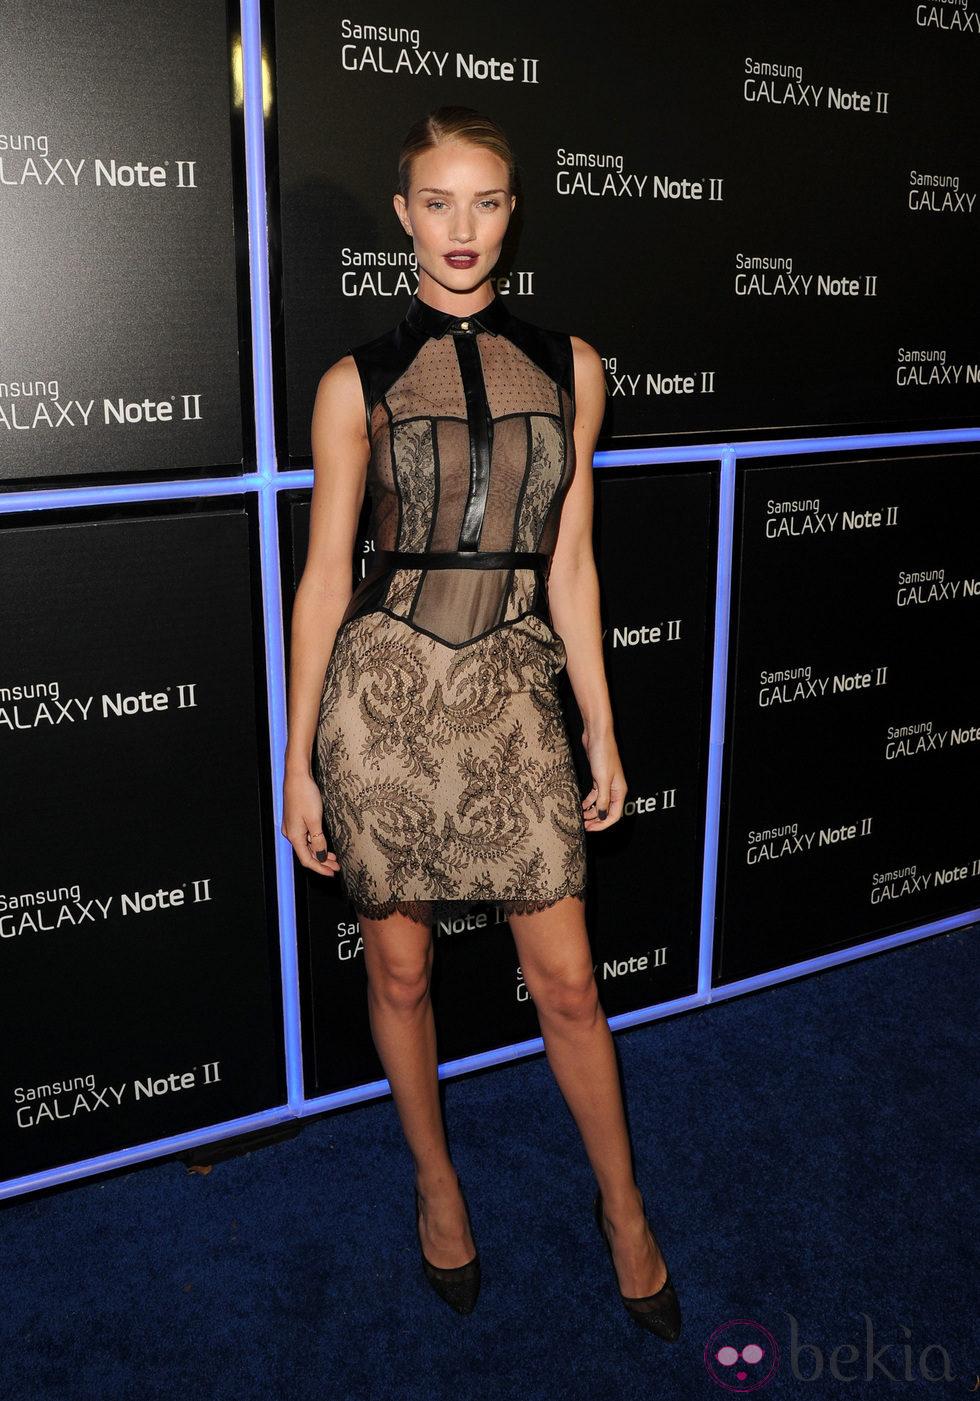 Rosie Huntington-Whiteley en la fiesta de lanzamiento del Samsung Galaxy Note II